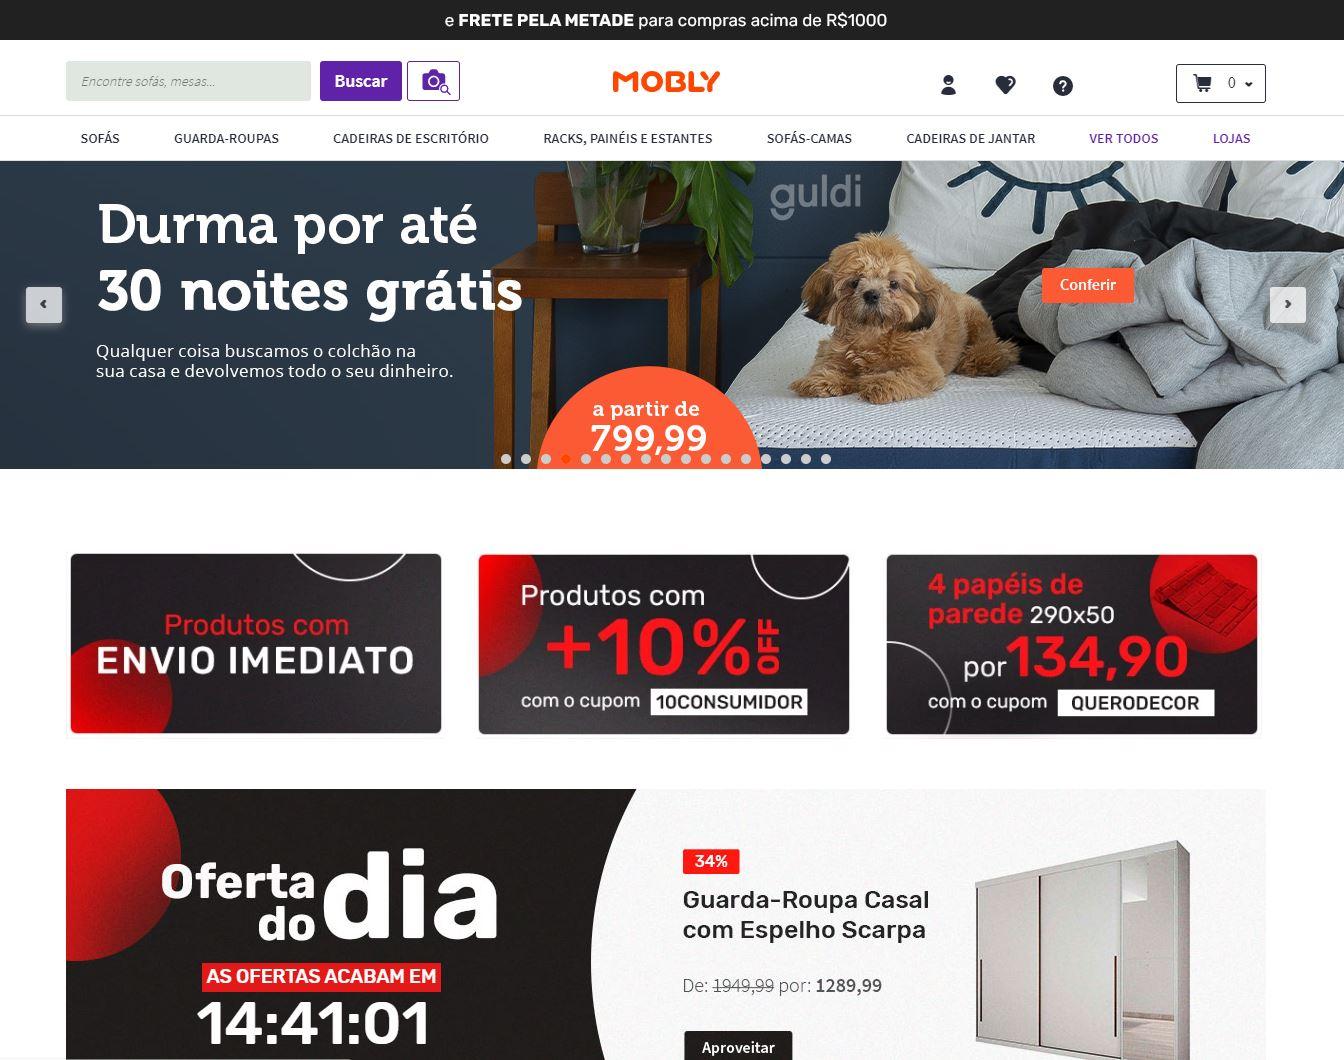 site para comprar moveis - Mobly